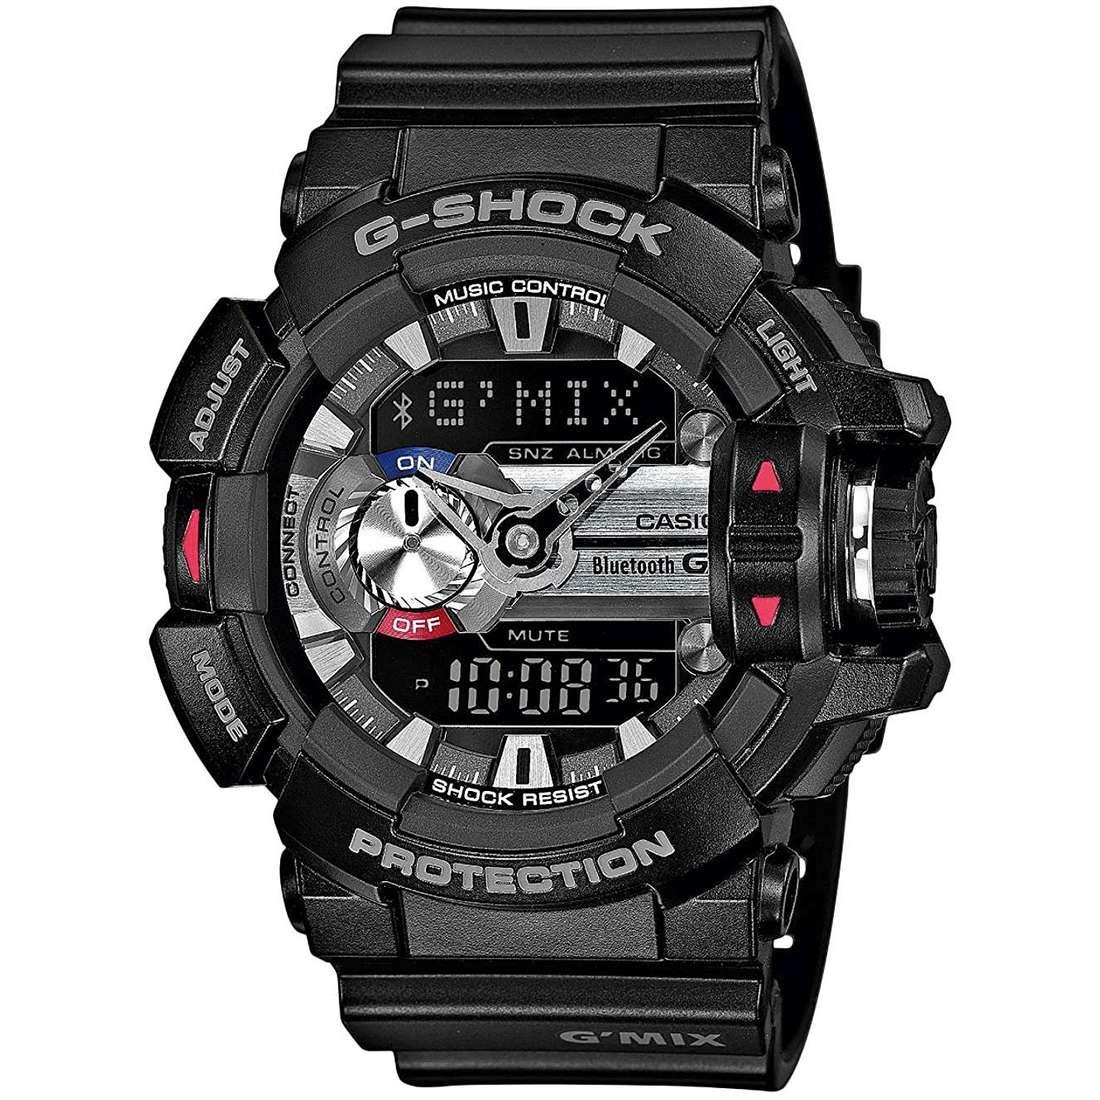 watch digital man Casio G-SHOCK GBA-400-1AER